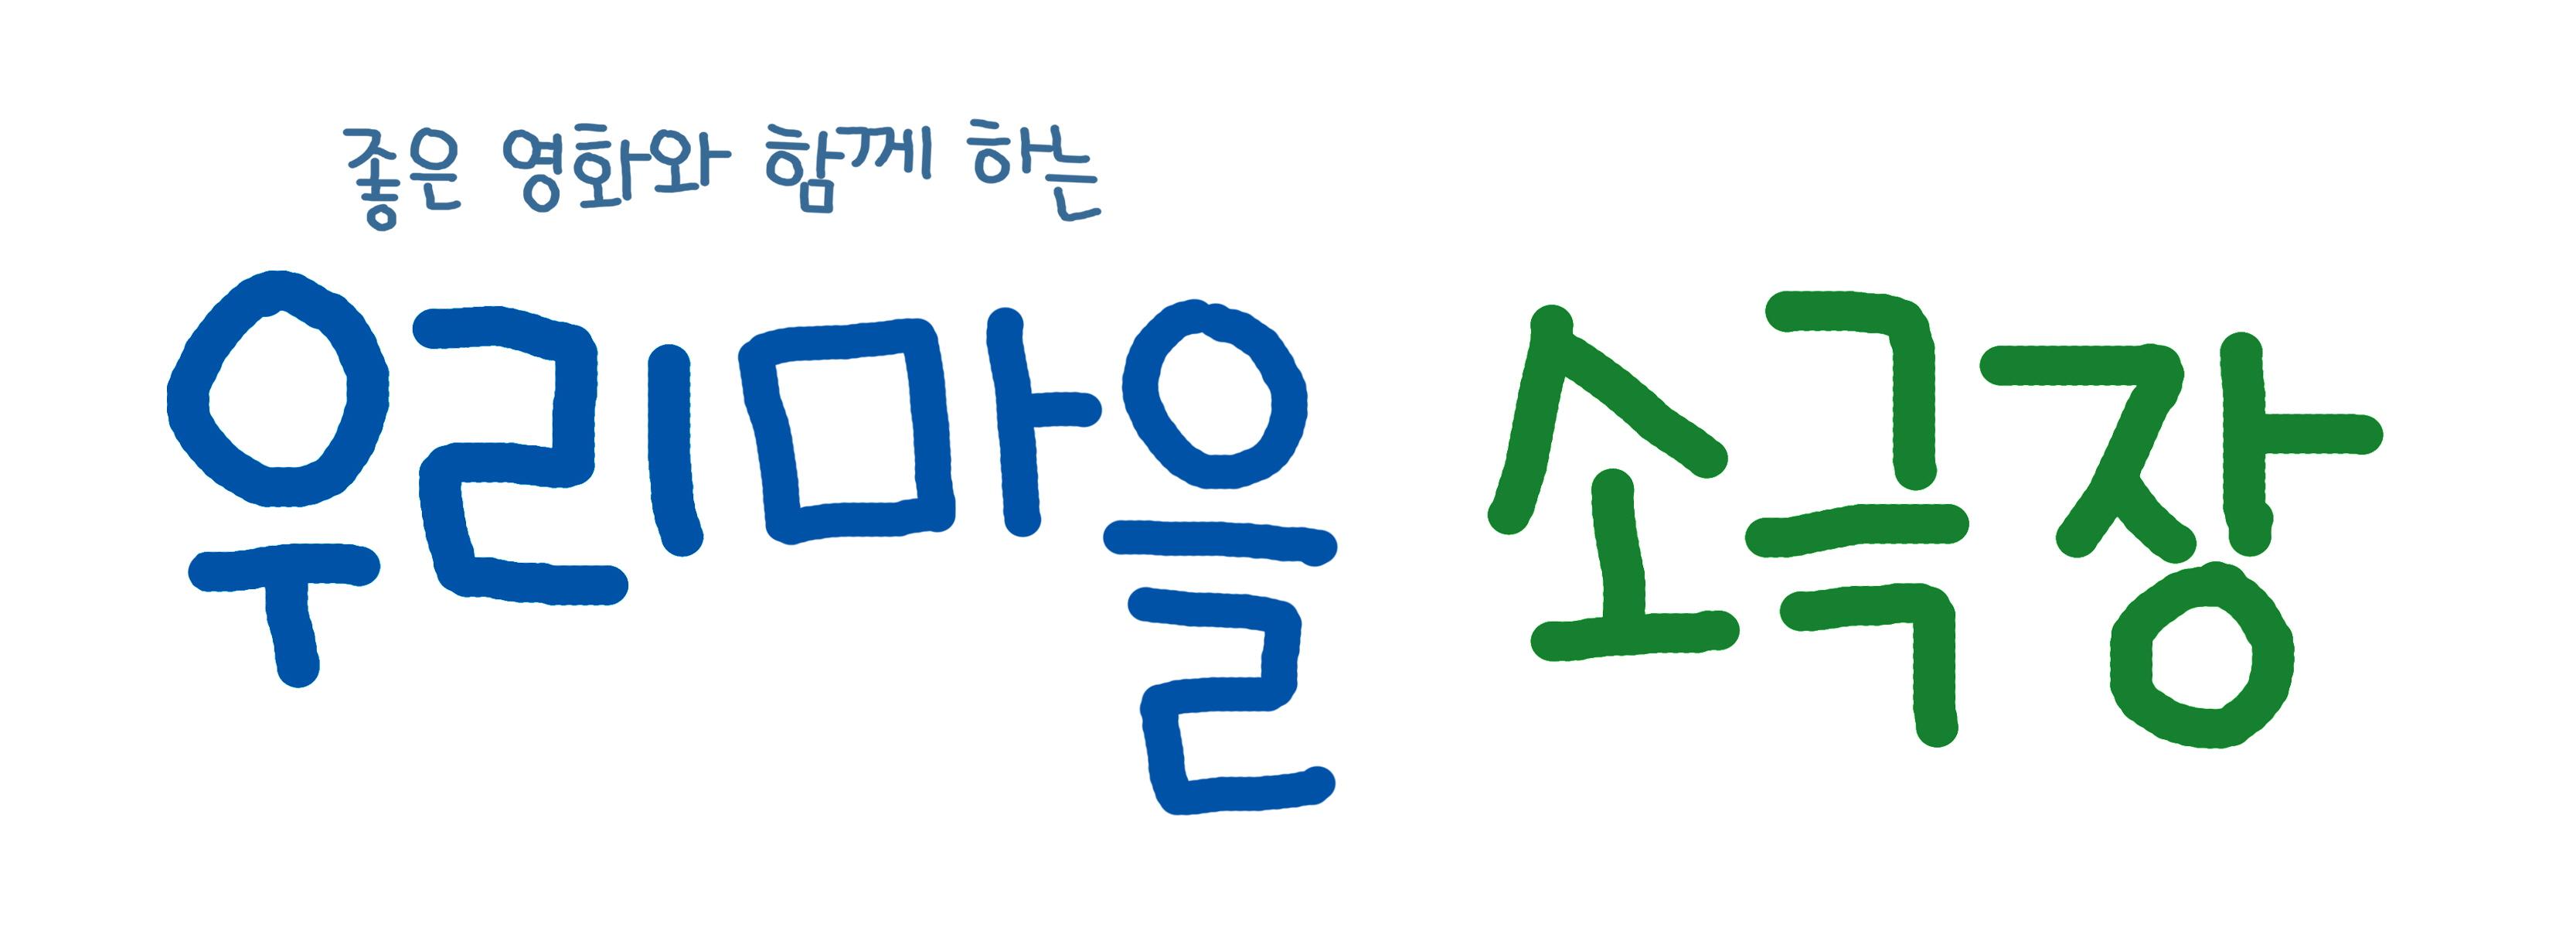 우리마을 소극장_이름.jpg